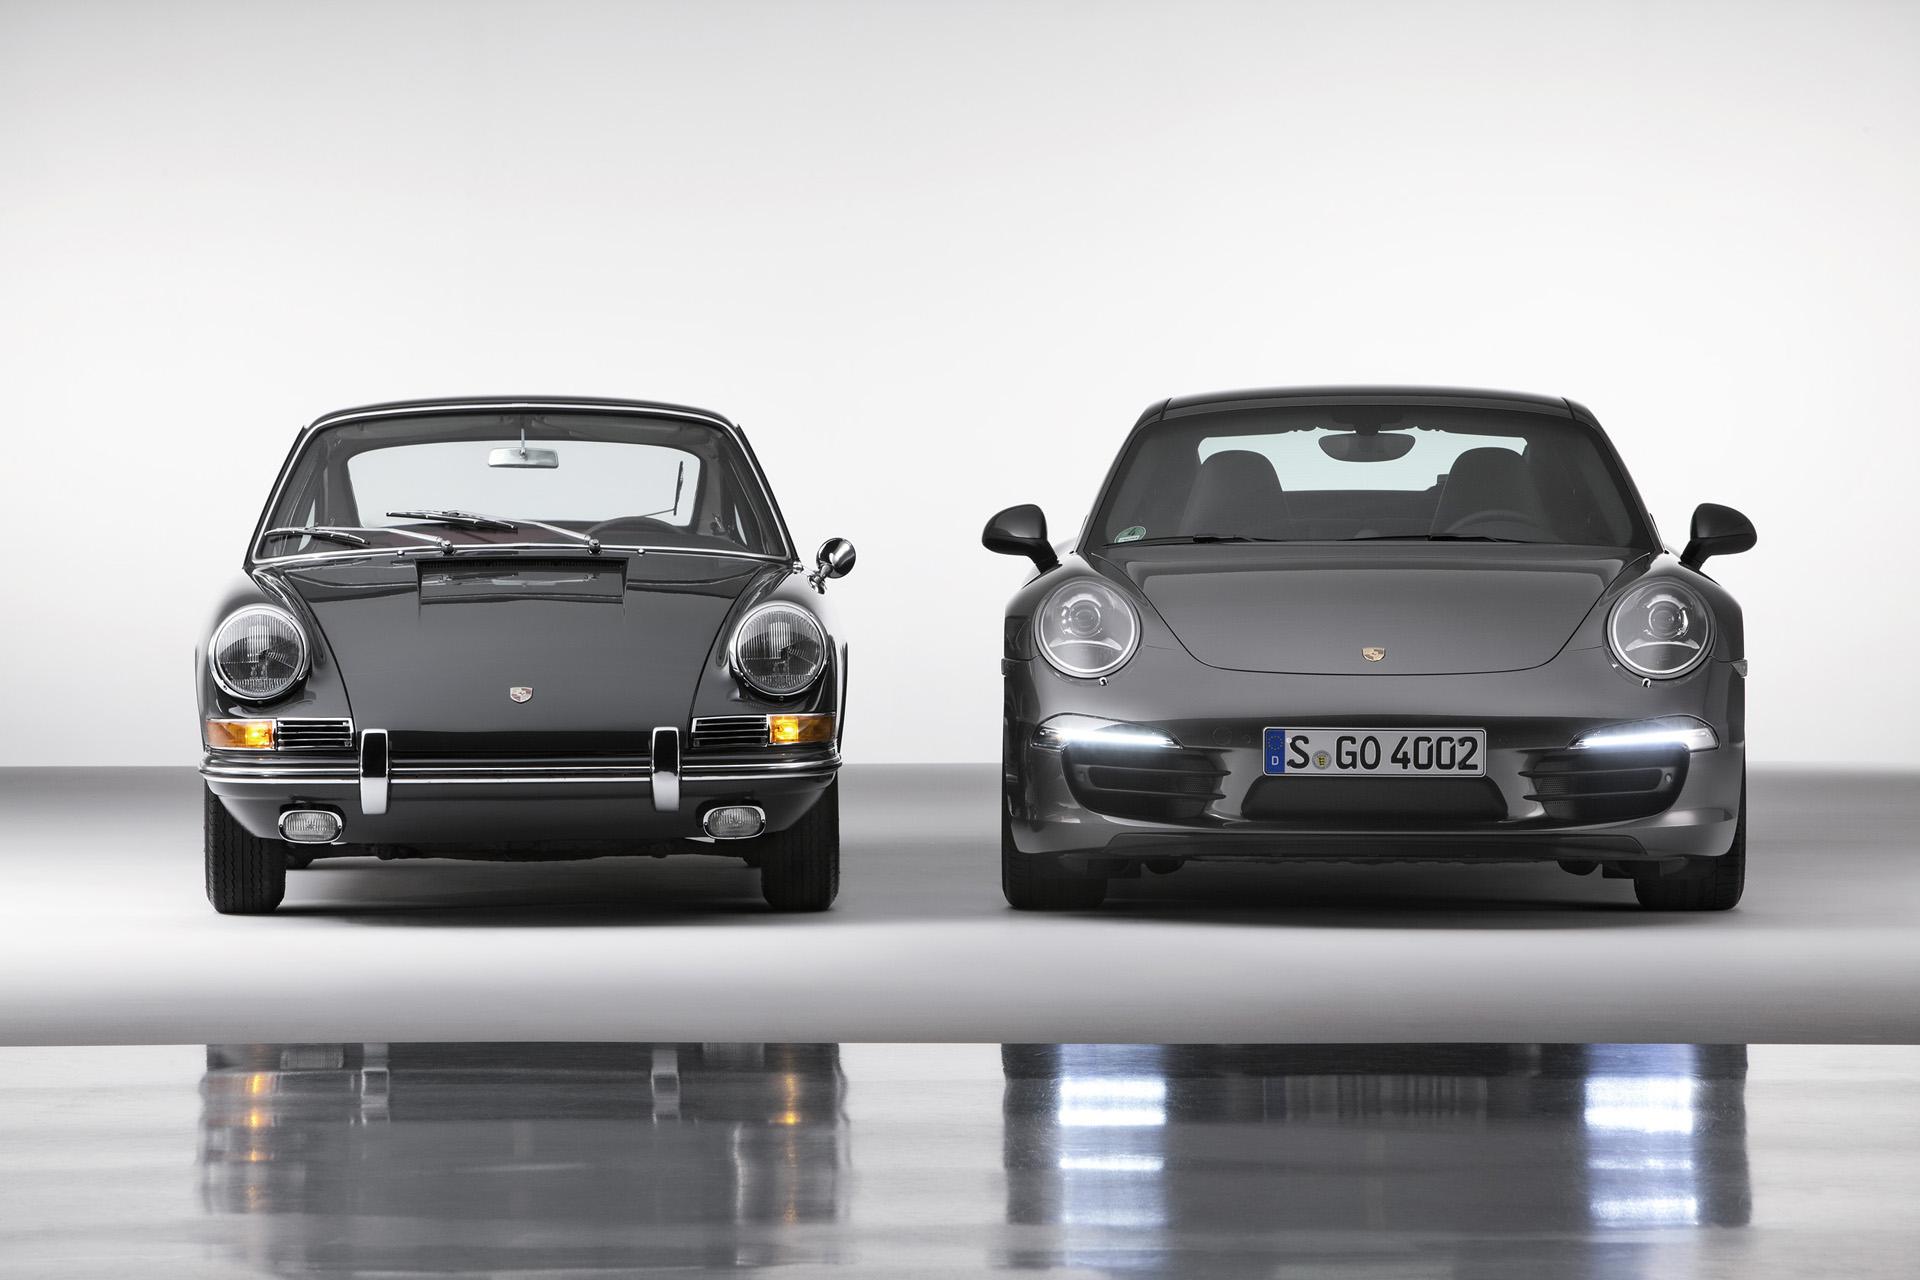 008 50 years of porsche 911 50 anos do Porsche 911